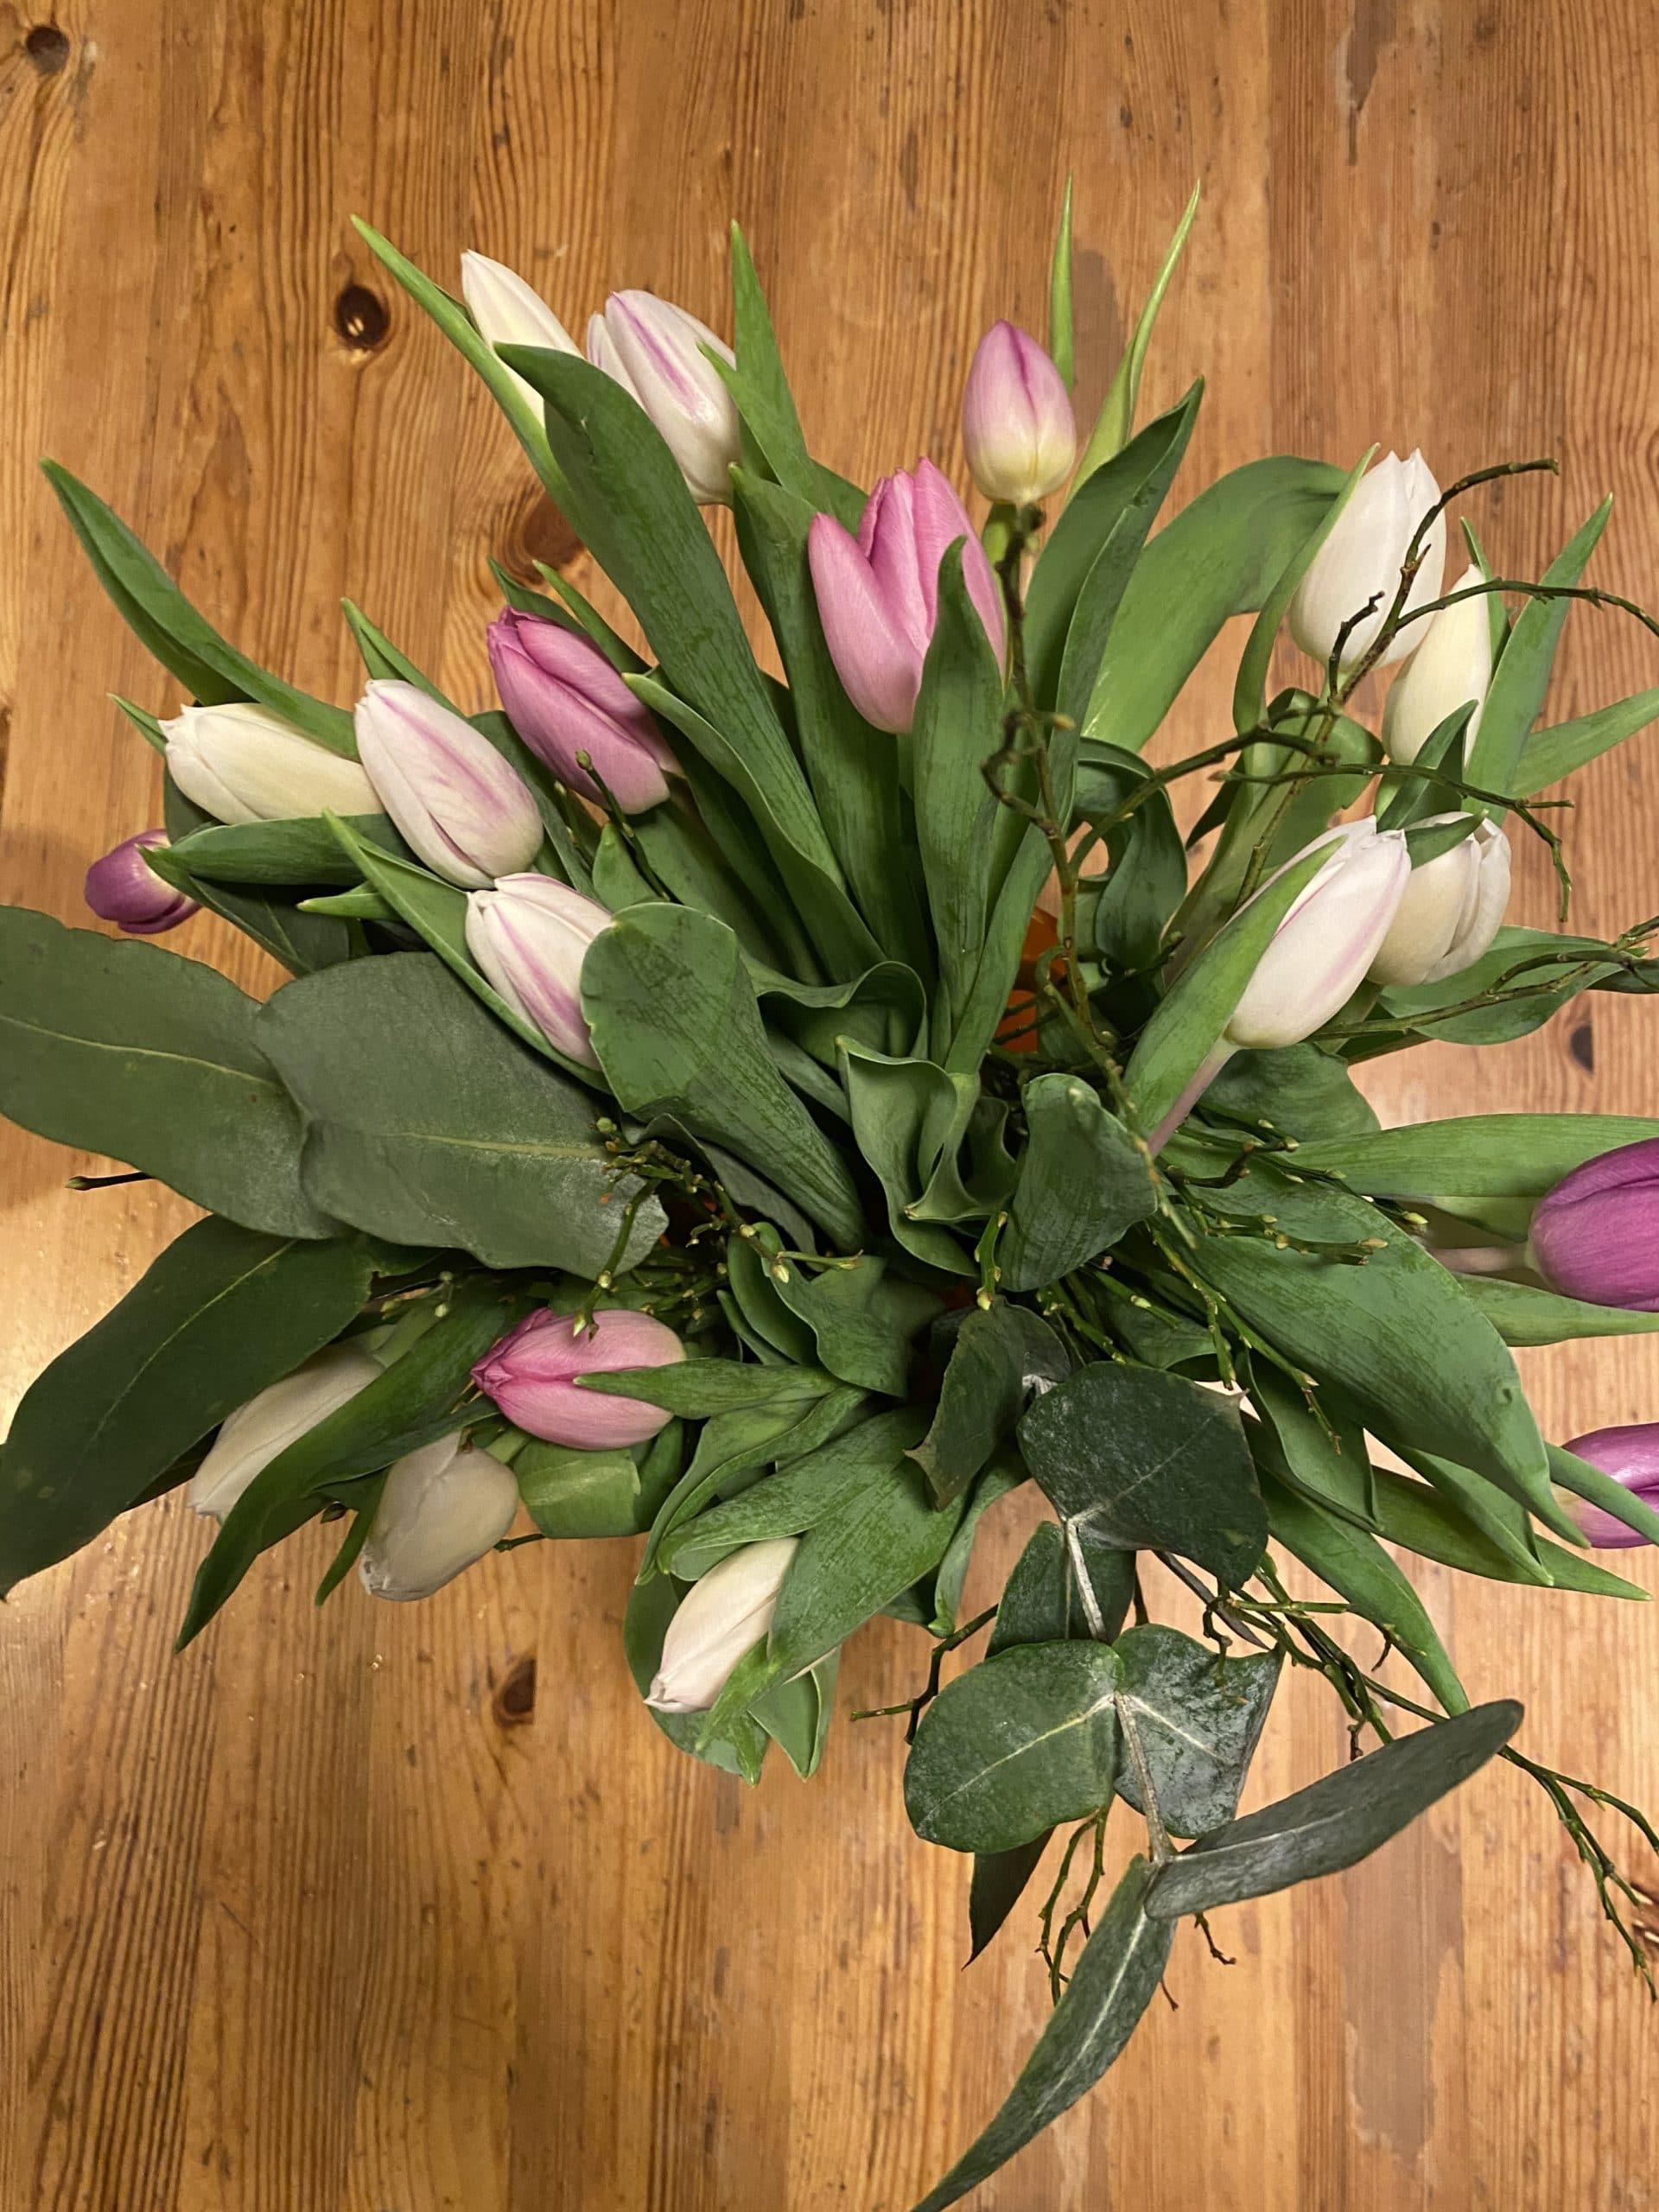 #1 Der Blumenstrauss sagt Guten Morgen. Ich freue mich darüber.